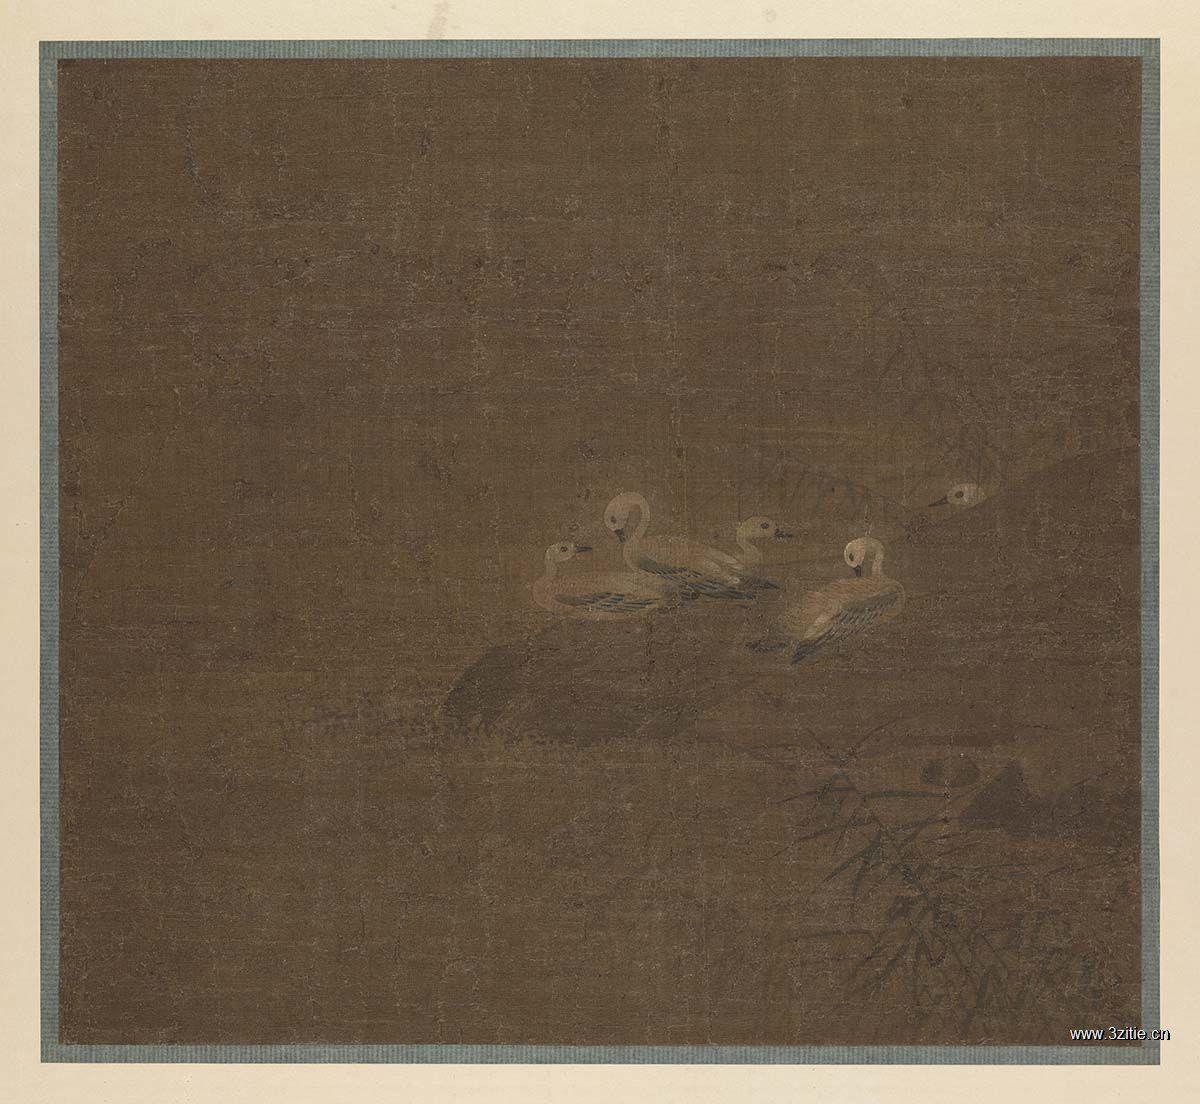 唐 张伯洪 罗汉图 24.5×20.3